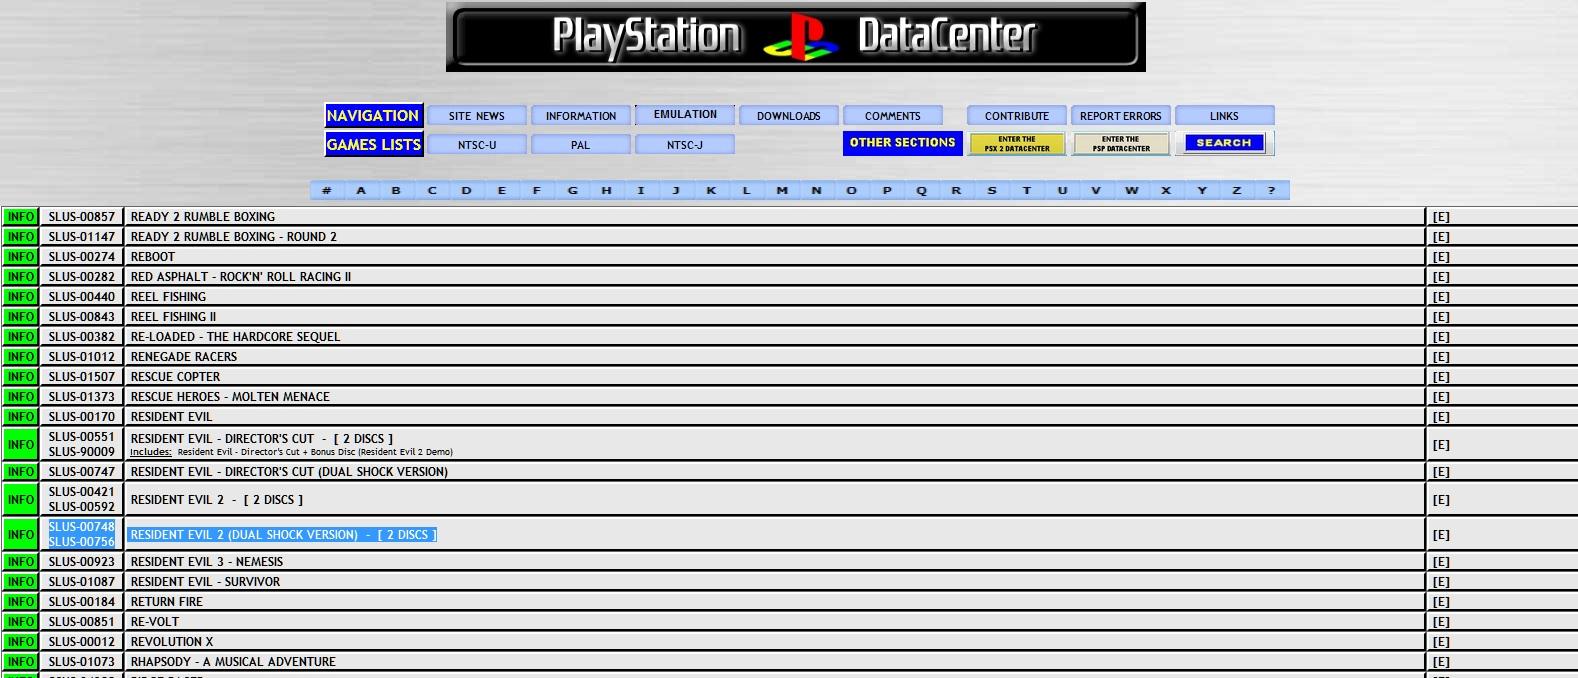 Psx emulator download completo